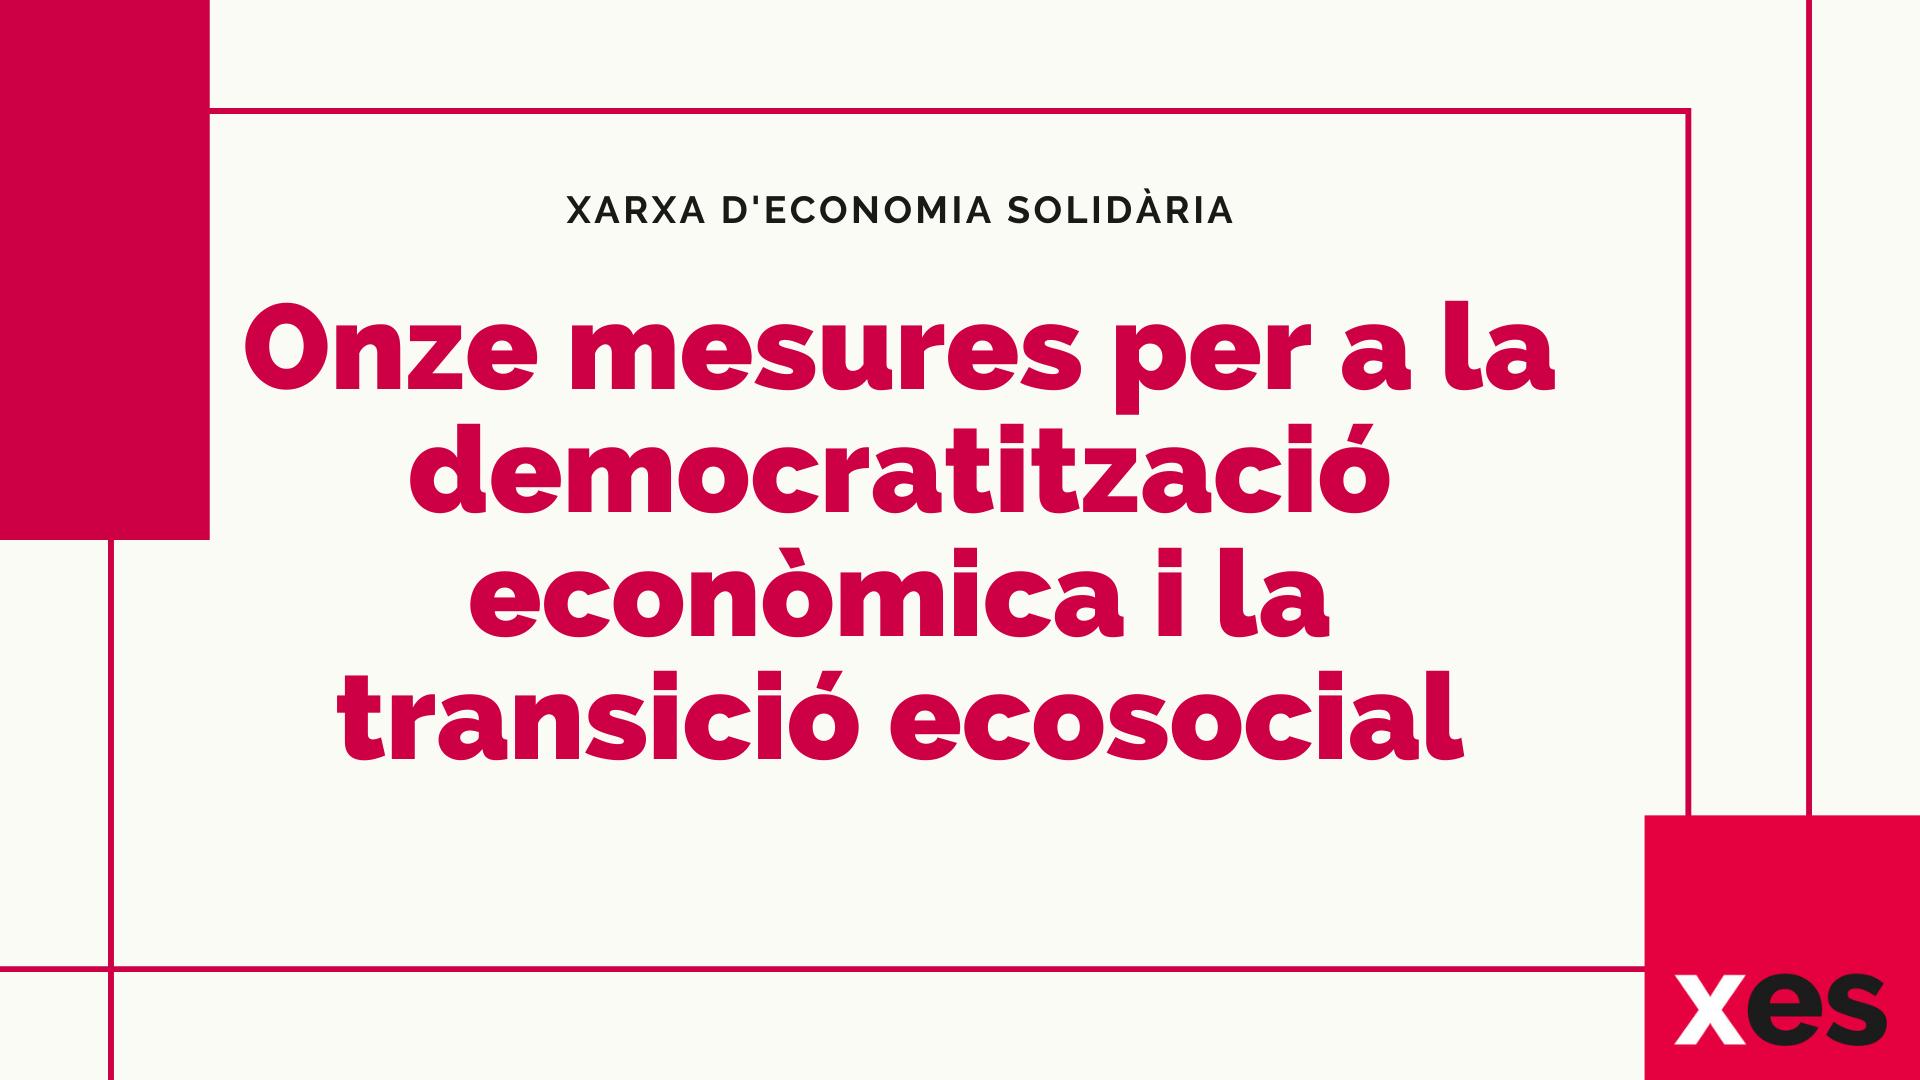 11 mesures transició ecosocial